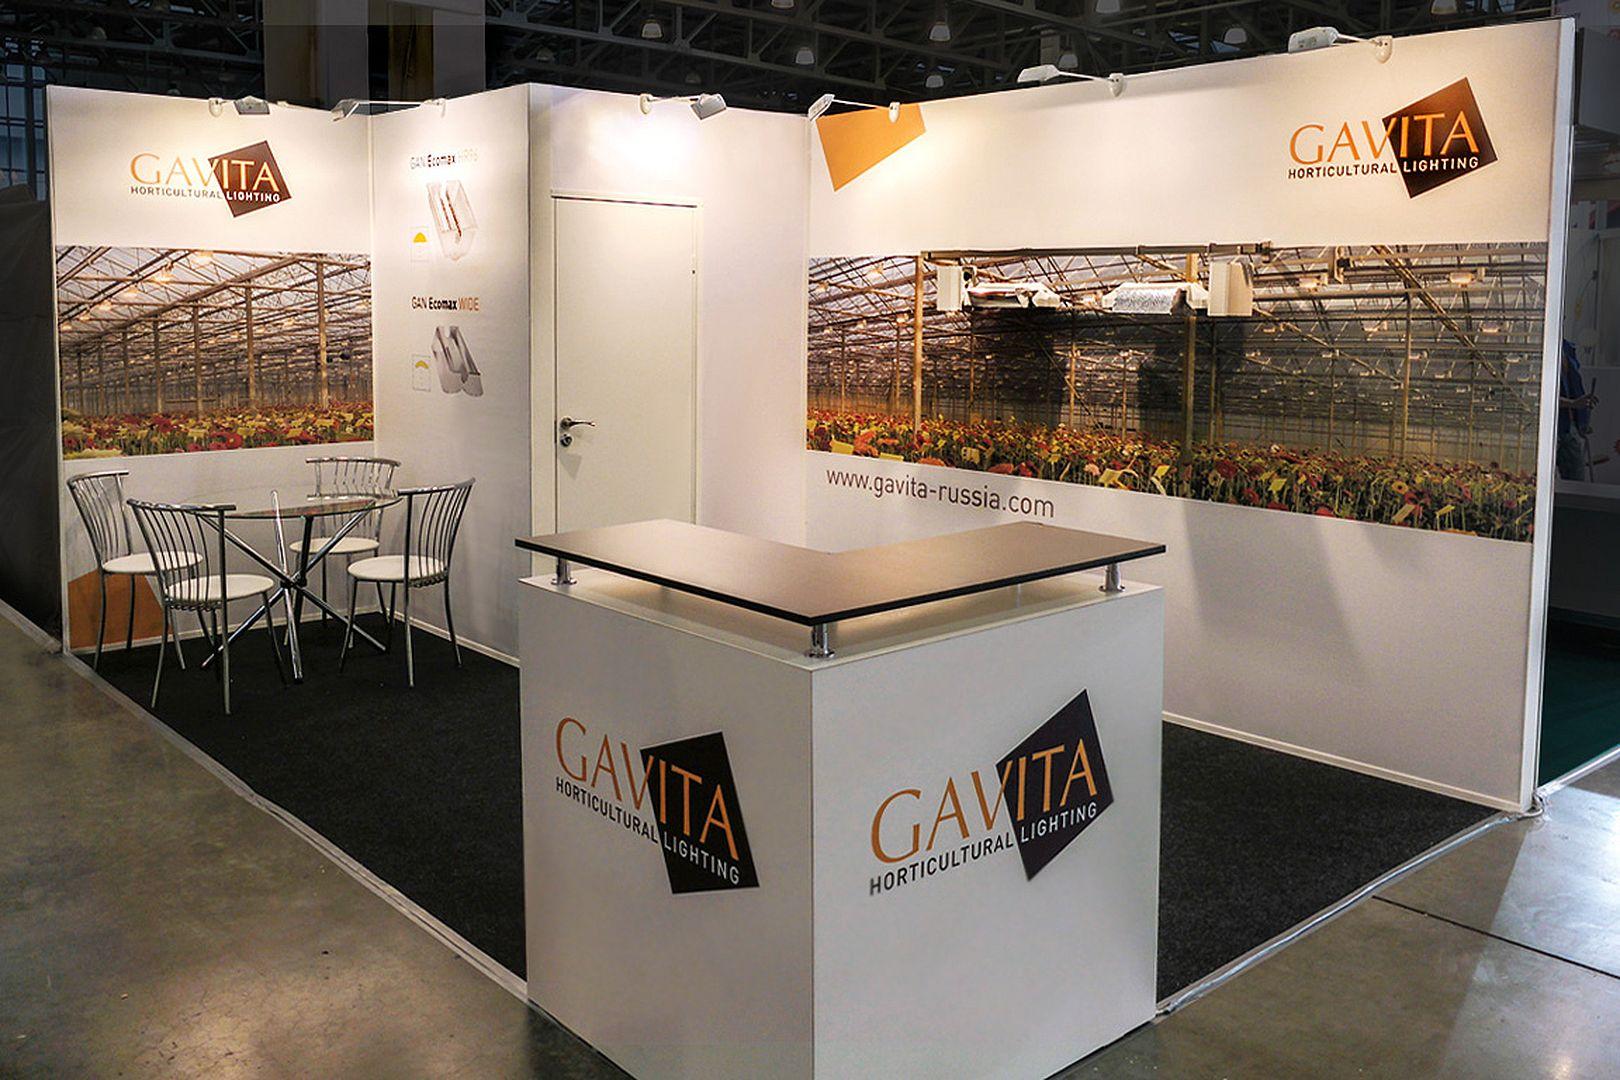 Gavita-2